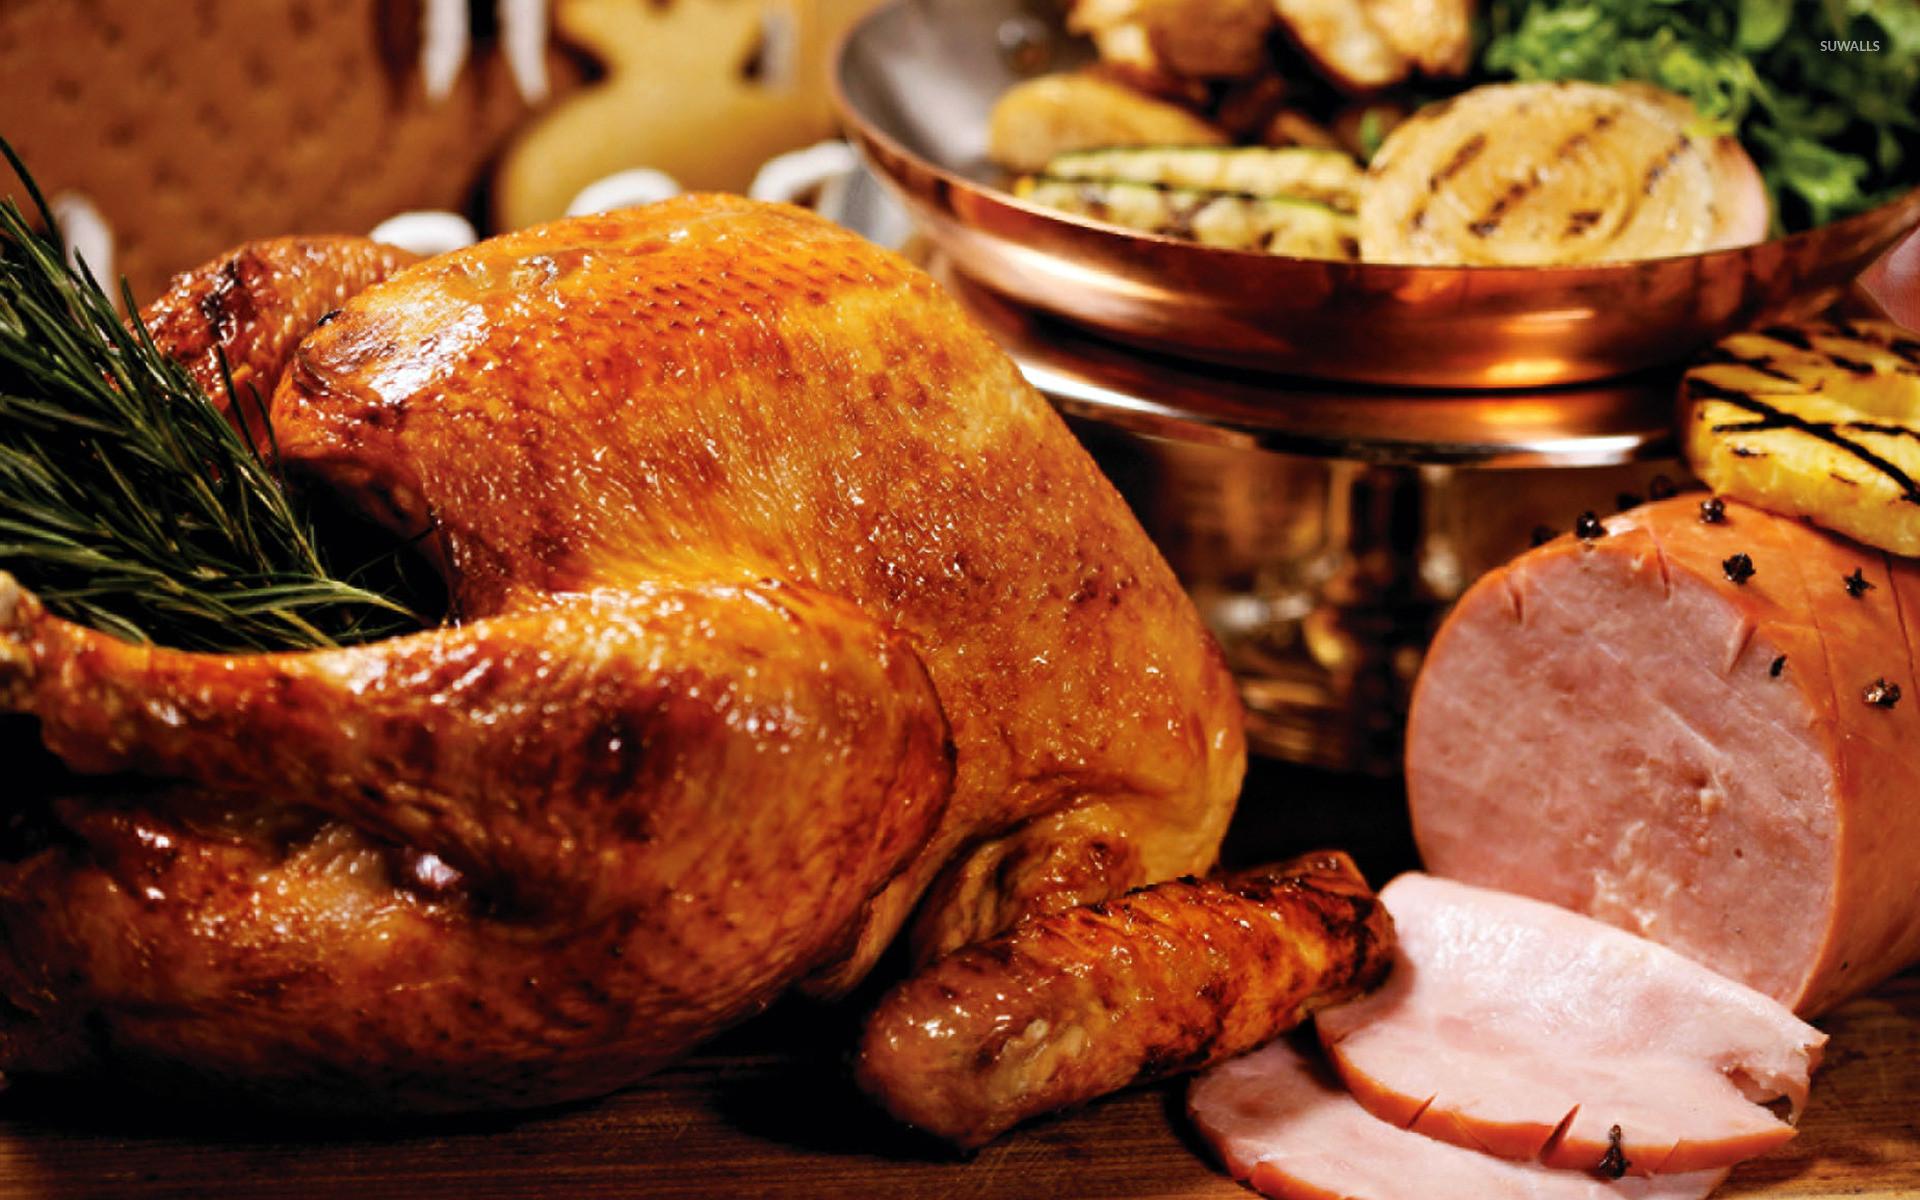 Easter Turkey Dinner  Thanksgiving turkey [2] wallpaper Holiday wallpapers